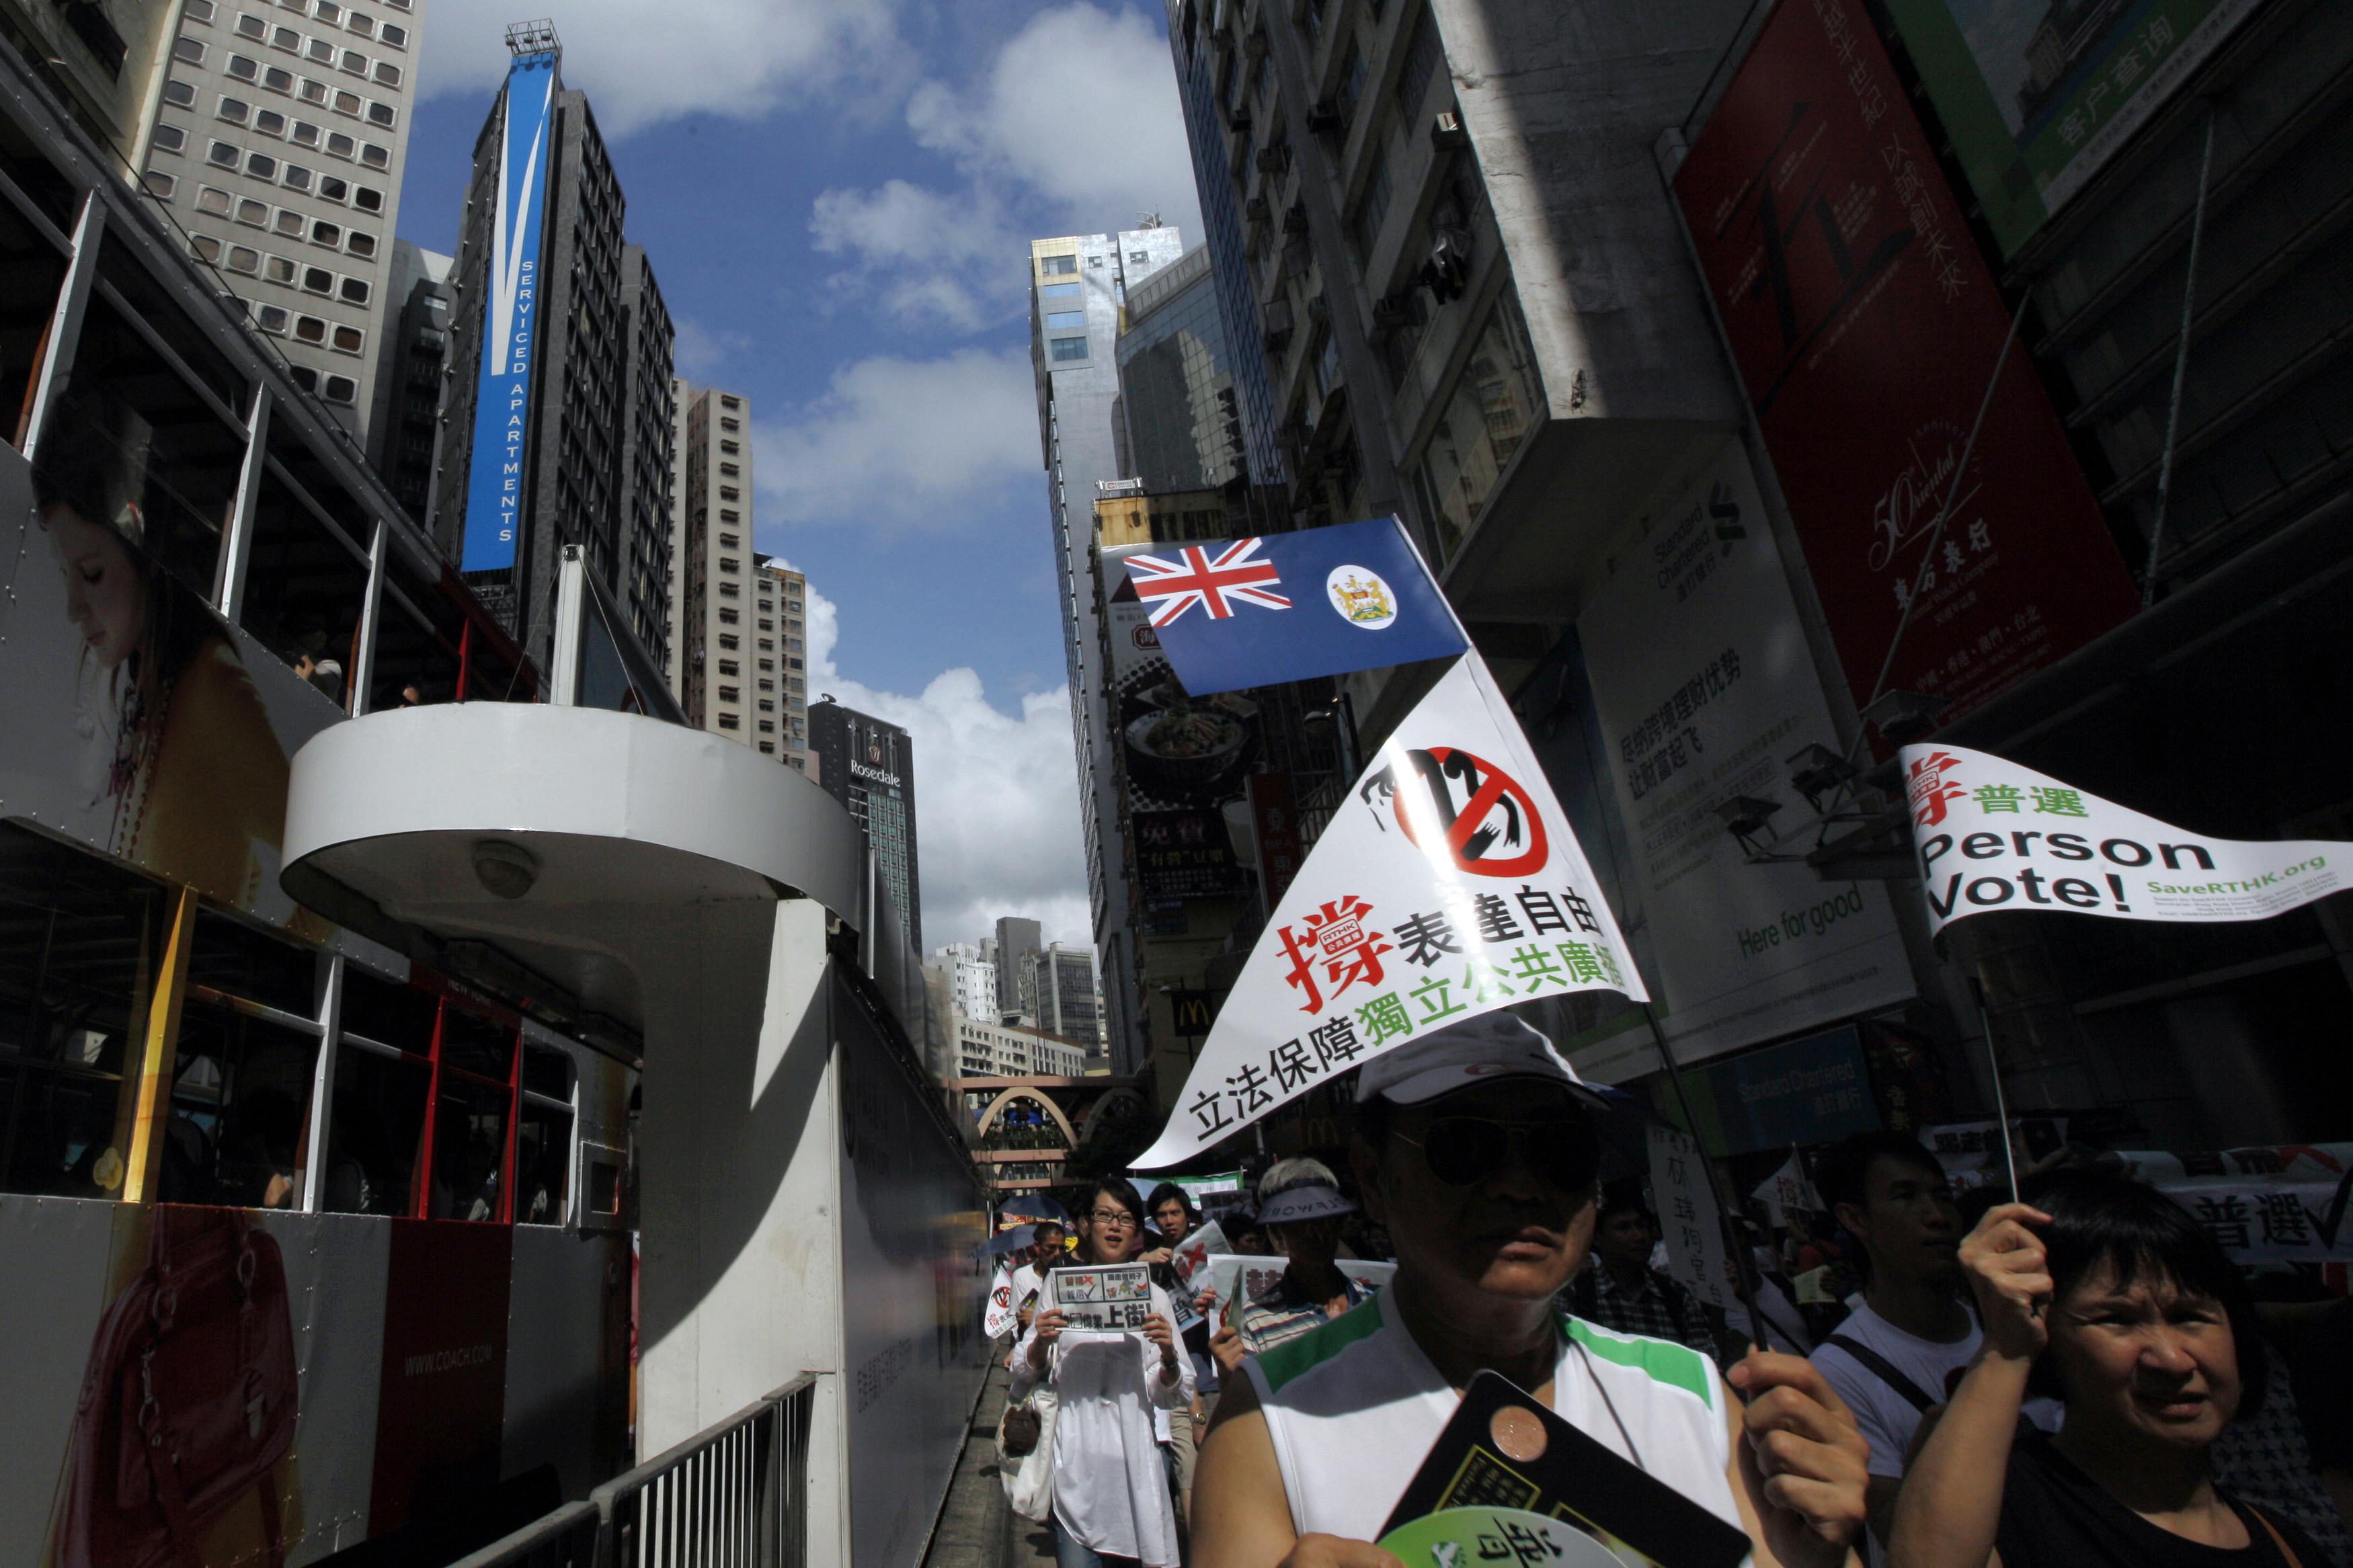 2011年7月1日,民陣舉辦7.1遊行,包括要求落實真普選等。(路透社)